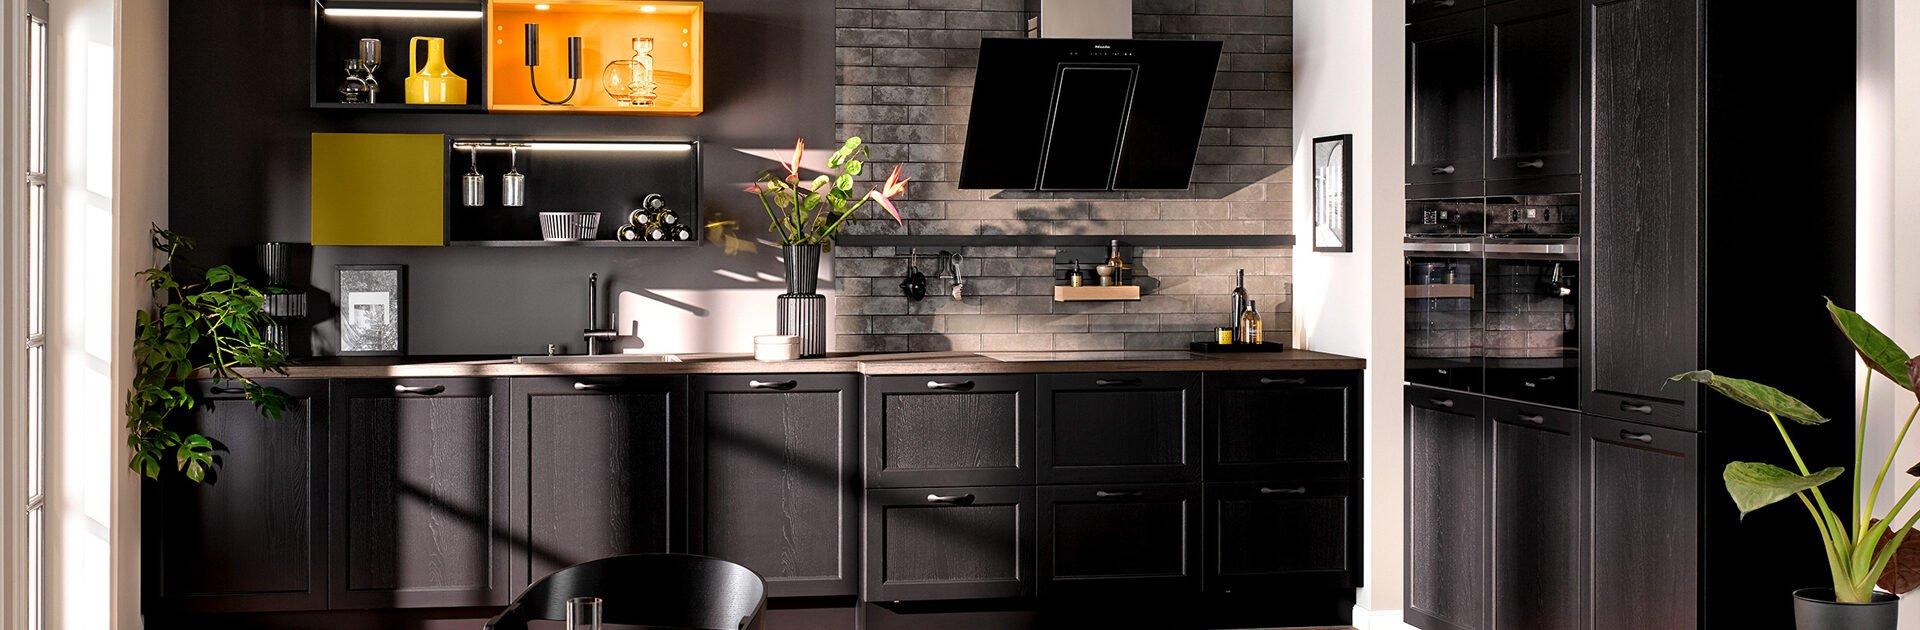 Keukentrend 2021 - mat zwarte keuken | Satink Keukens